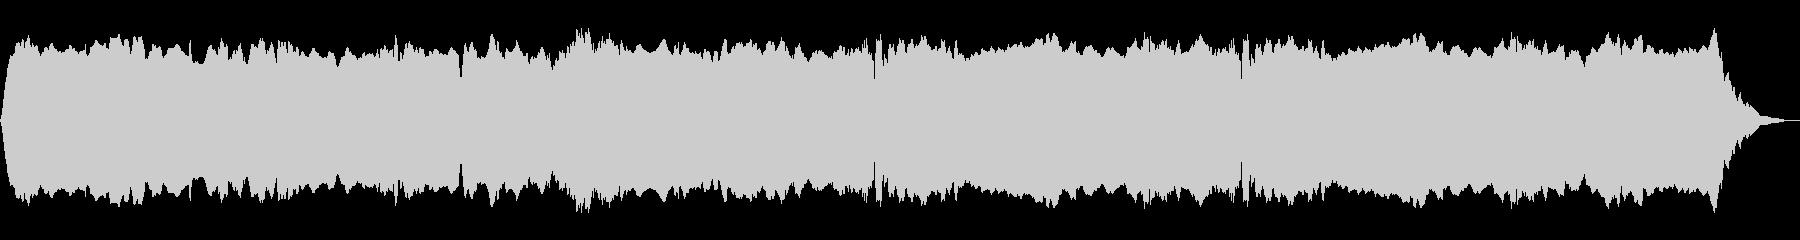 THE BELL:ディープメタルド...の未再生の波形